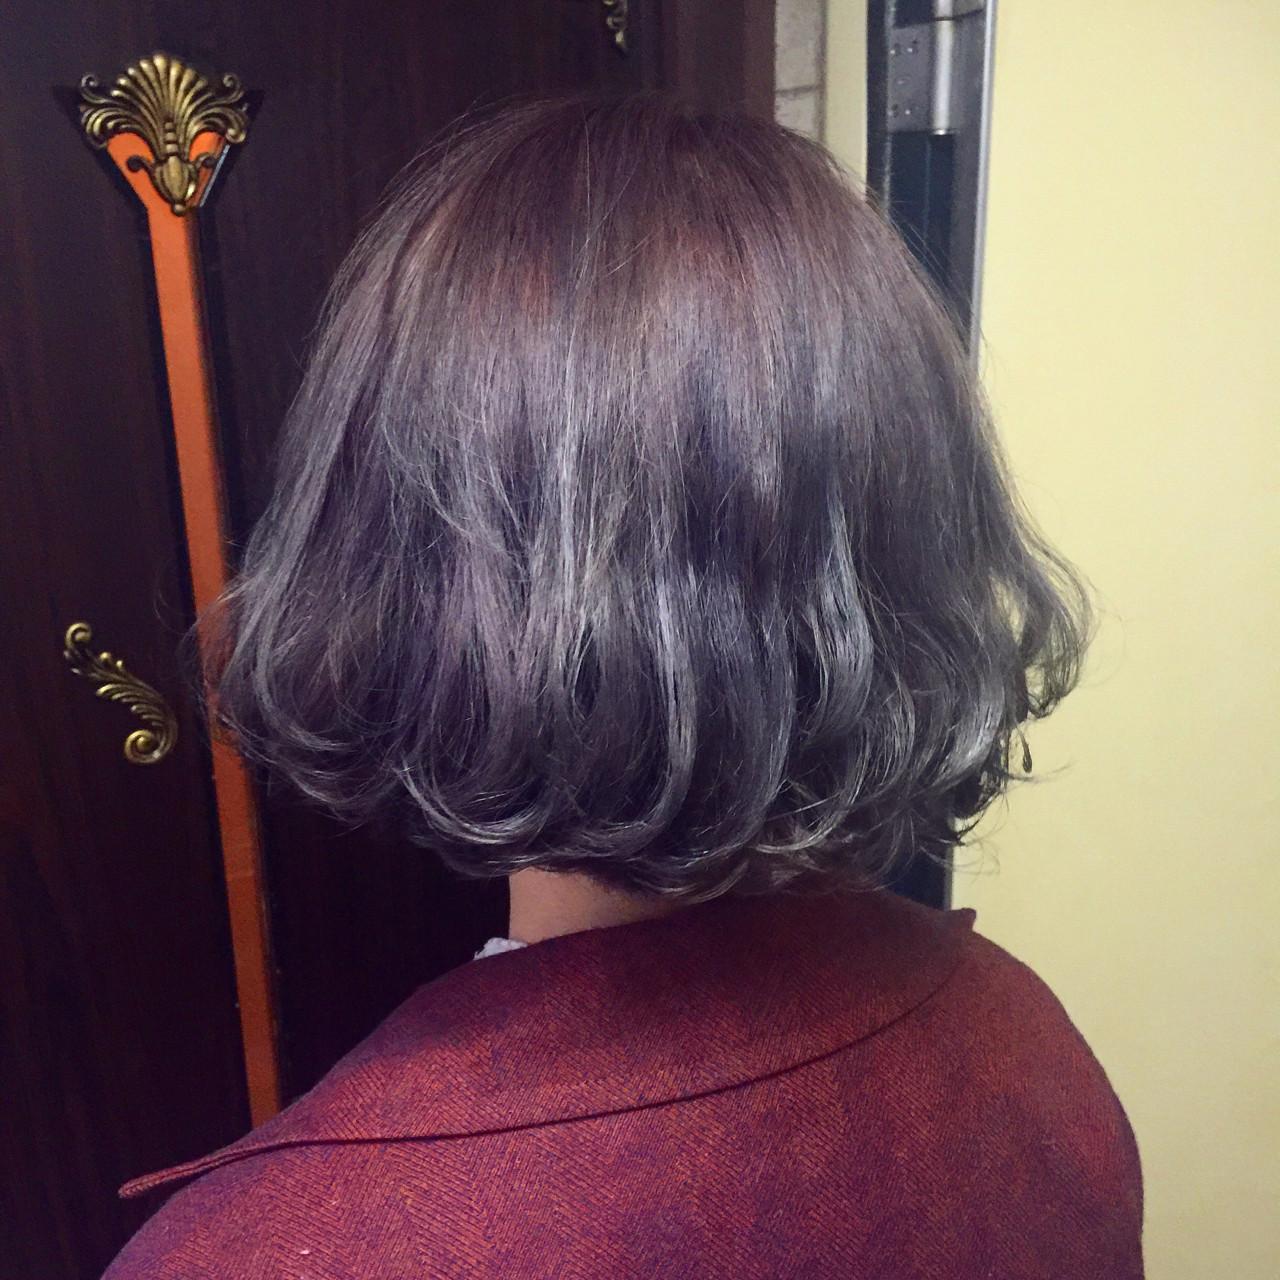 ラベンダーアッシュなあなたの髪色を旬に♪うっとり色落ちを楽しもう eeko(miyuki nakamura) / vamp diva wyrm